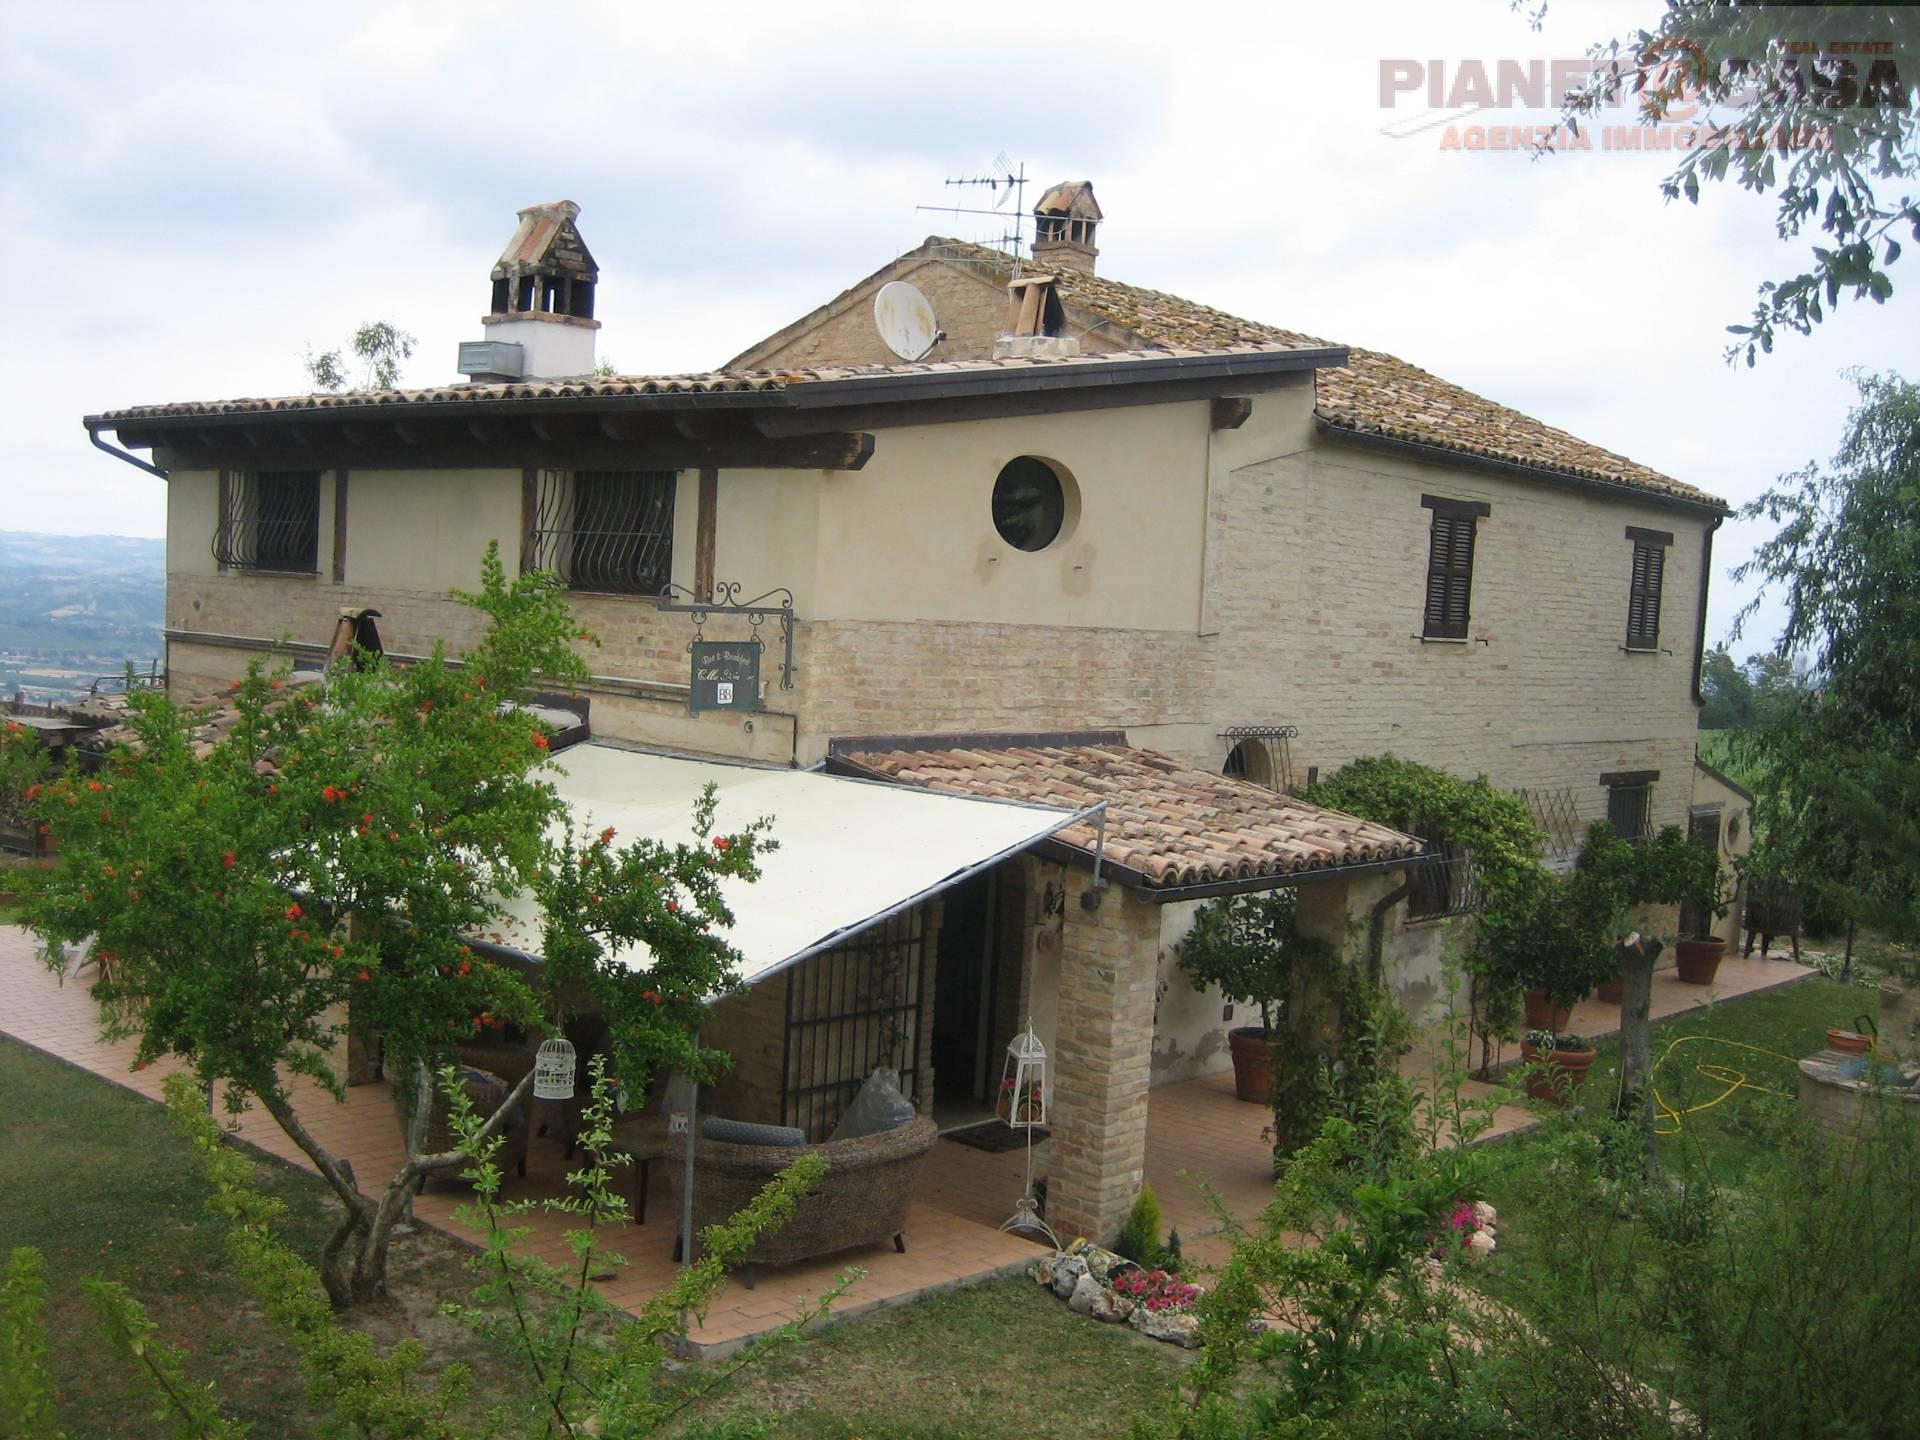 Rustico / Casale in vendita a Ancarano, 9 locali, Trattative riservate | CambioCasa.it